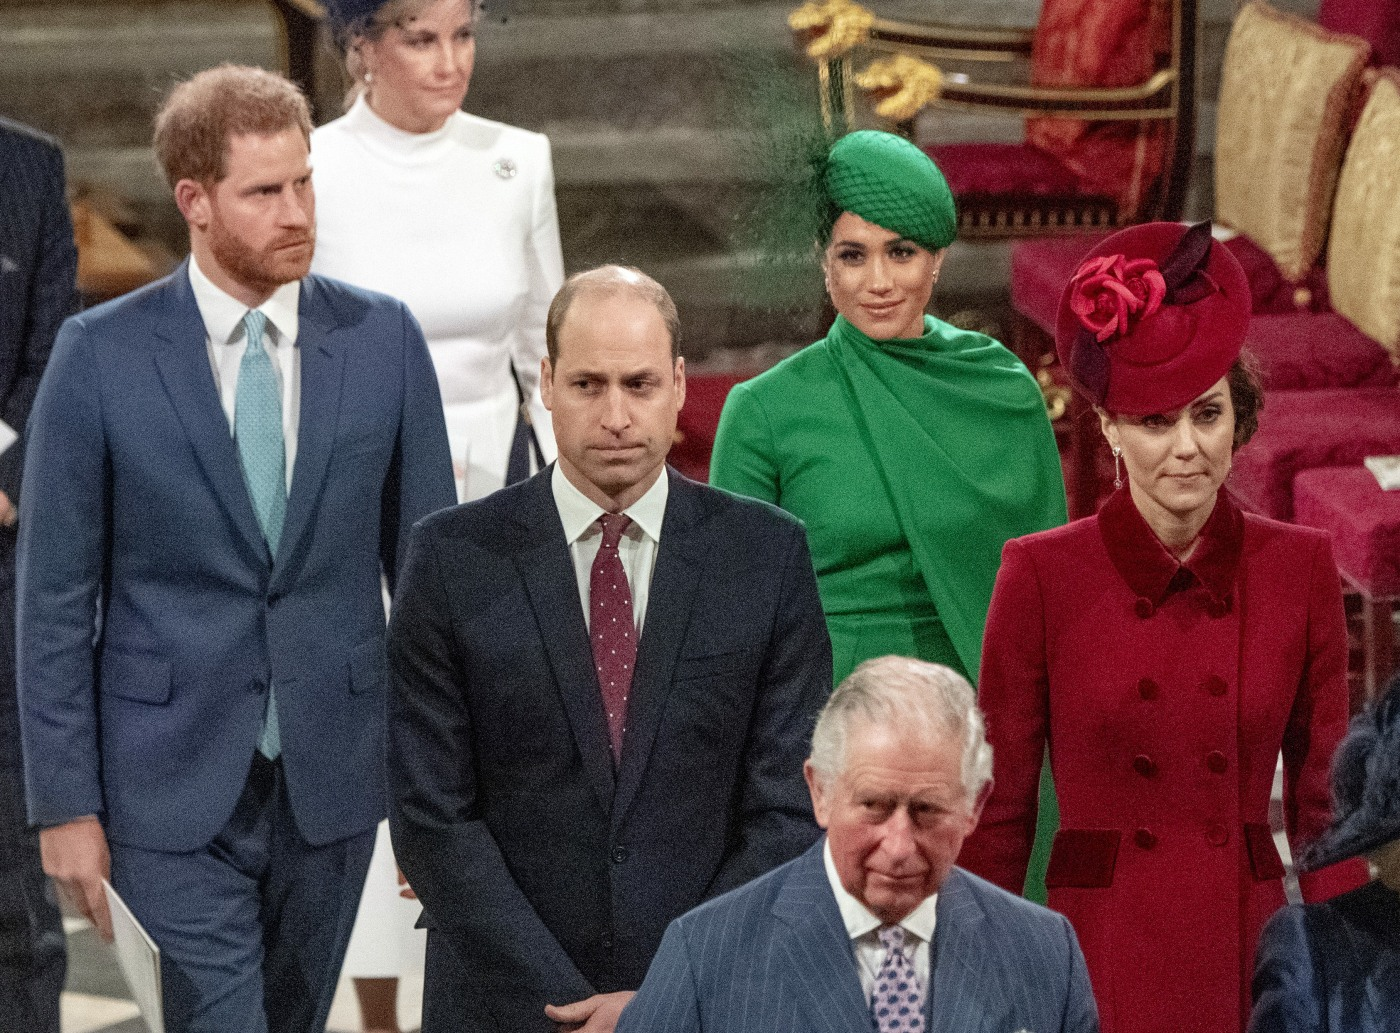 09-03-2020 Celebrazioni del Commonwealth Day Abbazia di Westminster 2020